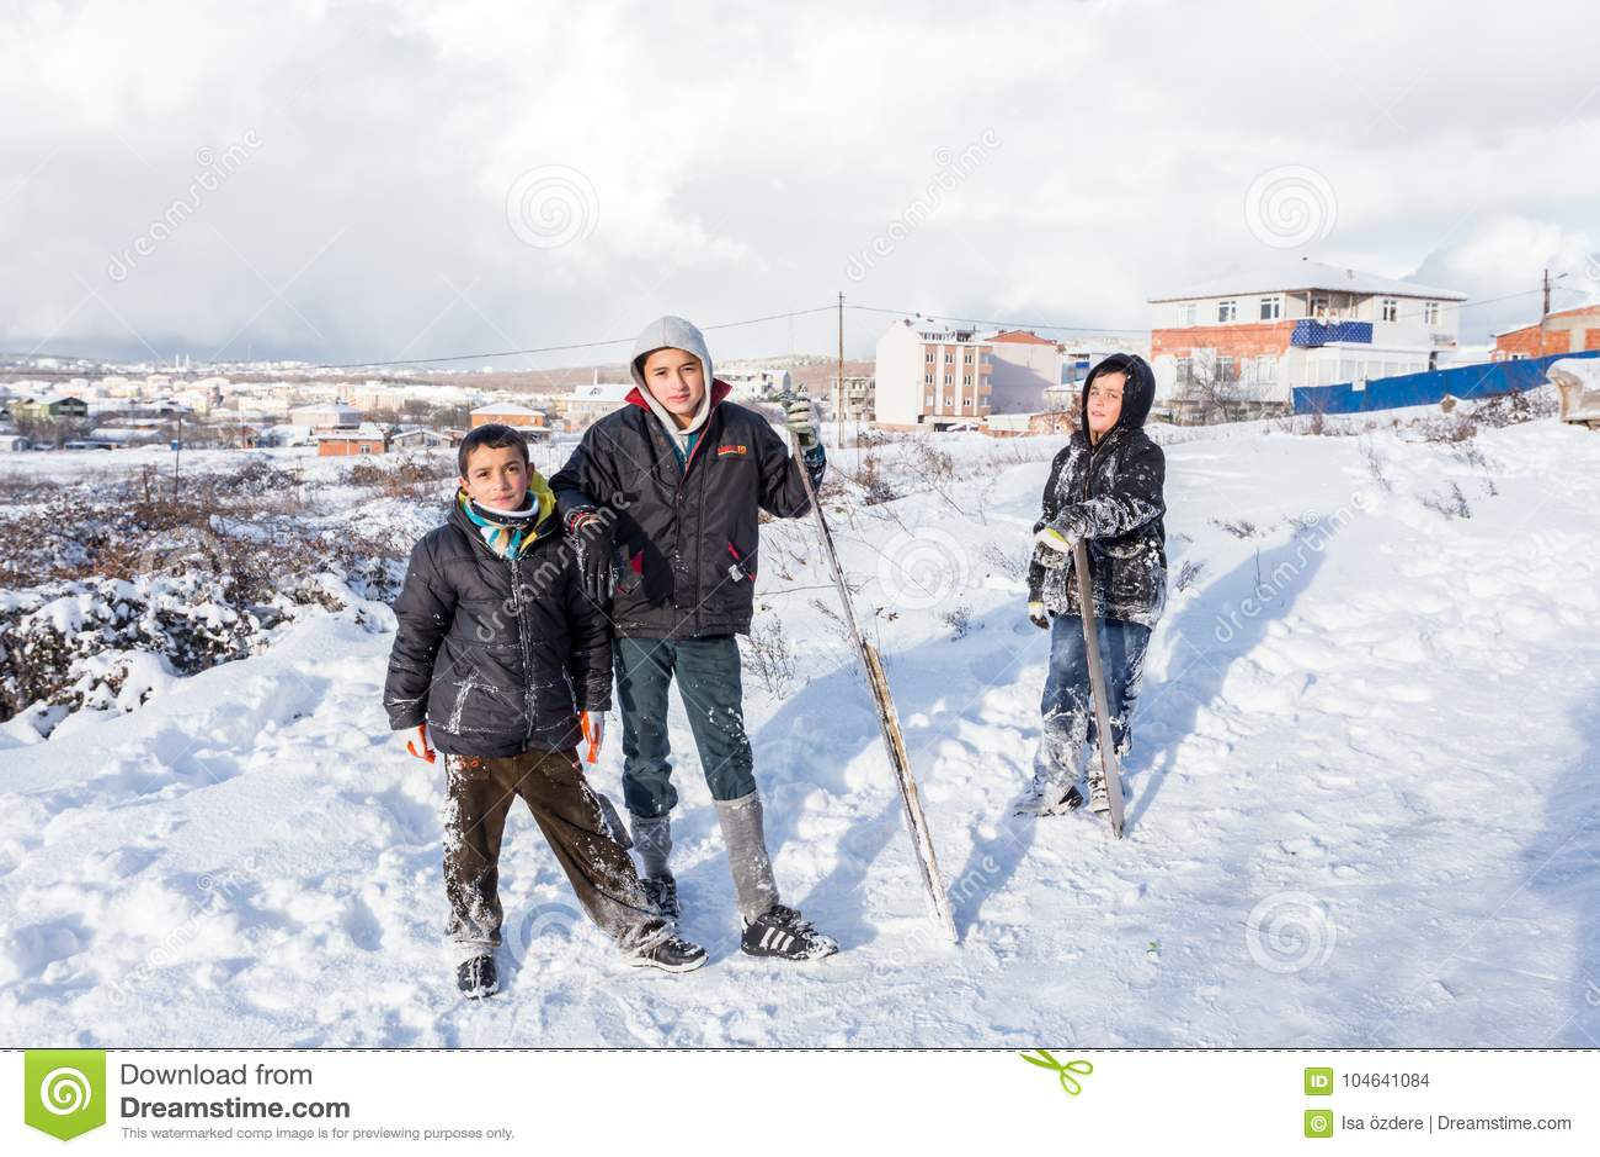 Download De Kinderen Glijden Op Sneeuw In Oude Schoolstijl Met Hardhout Redactionele Stock Afbeelding - Afbeelding bestaande uit heuvel, activiteit: 104641084